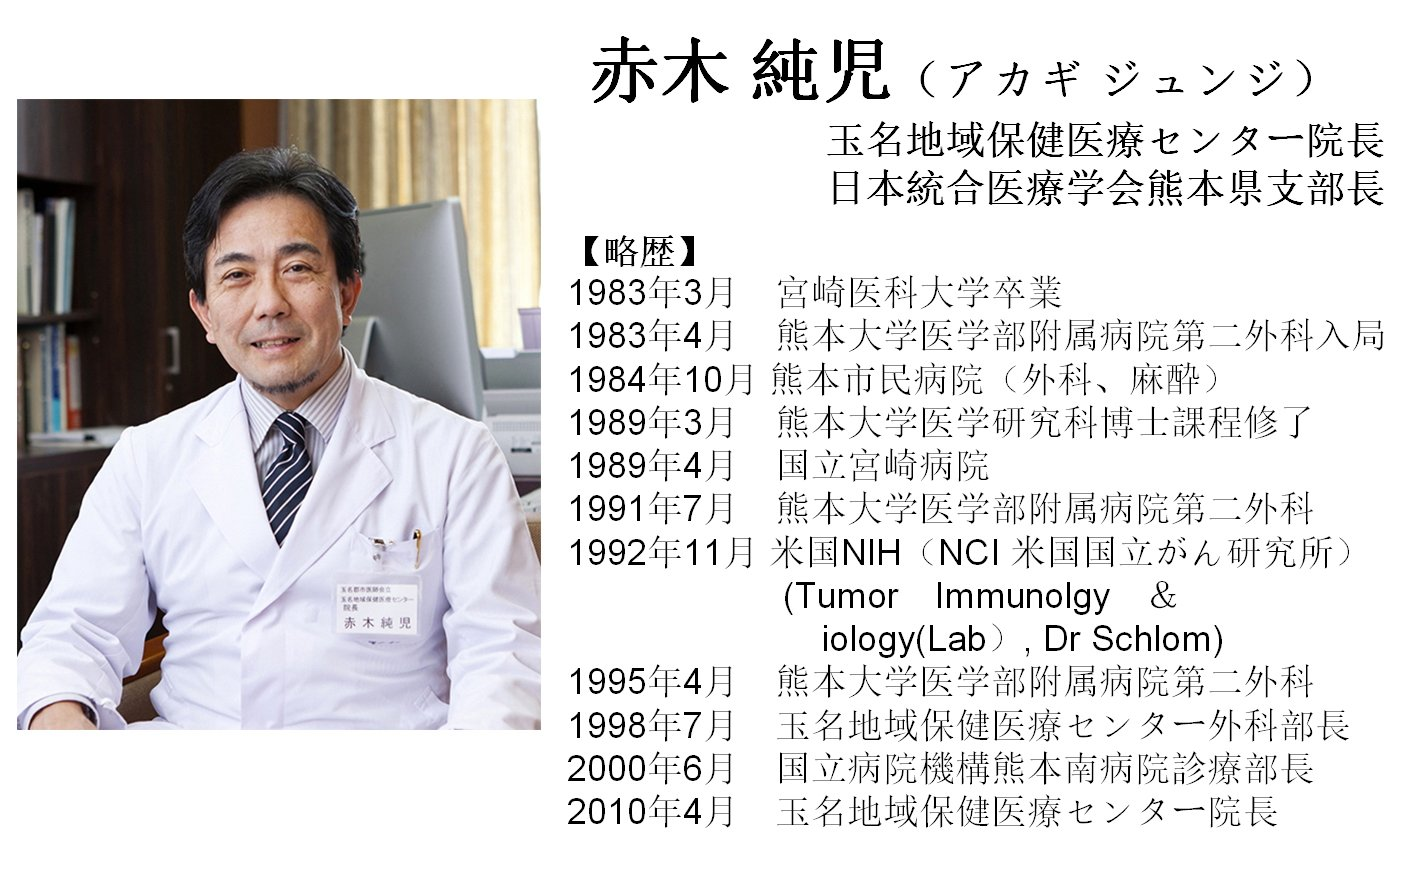 赤木純兒 博士 -日本 玉名市立醫療中心院長 - 進行 氫美機 癌末患者 人體臨床